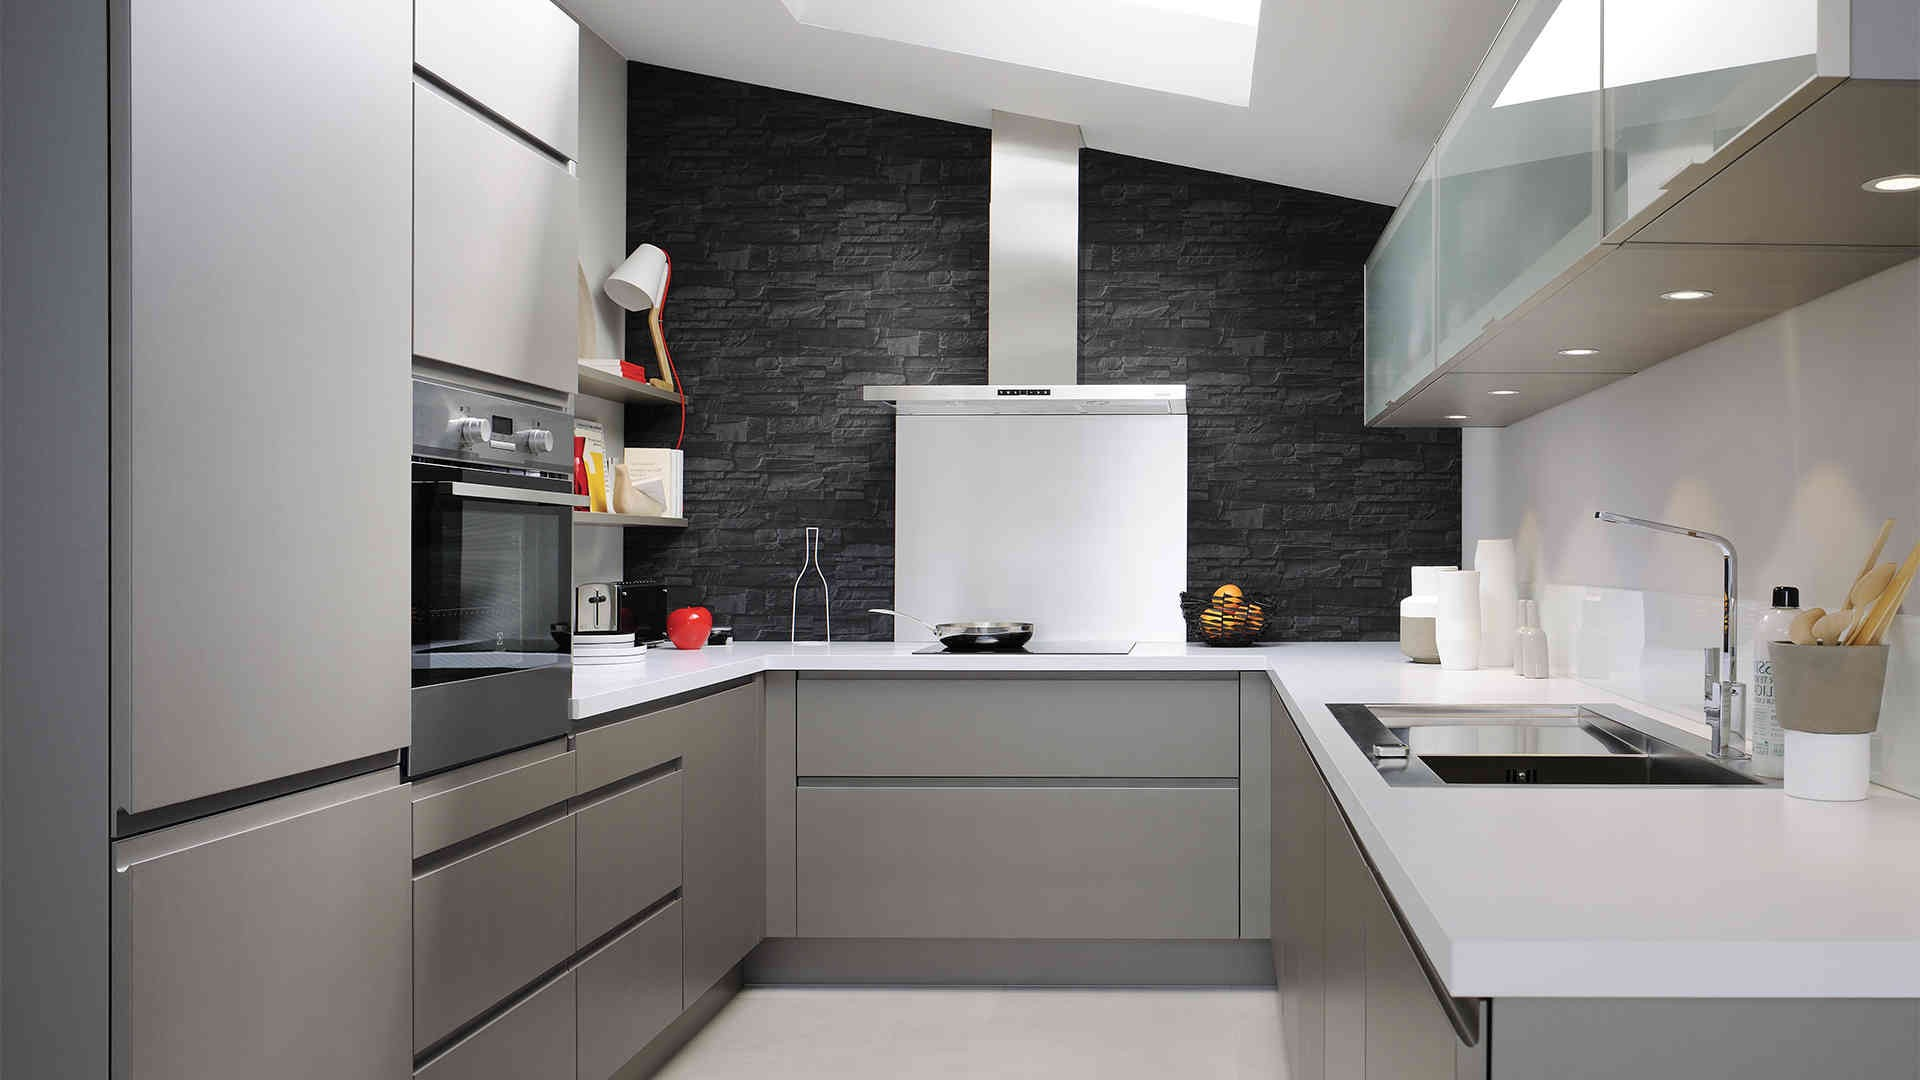 Cuisine blanche mat ou brillante cuisine id es de for Cuisine 2018 blanche